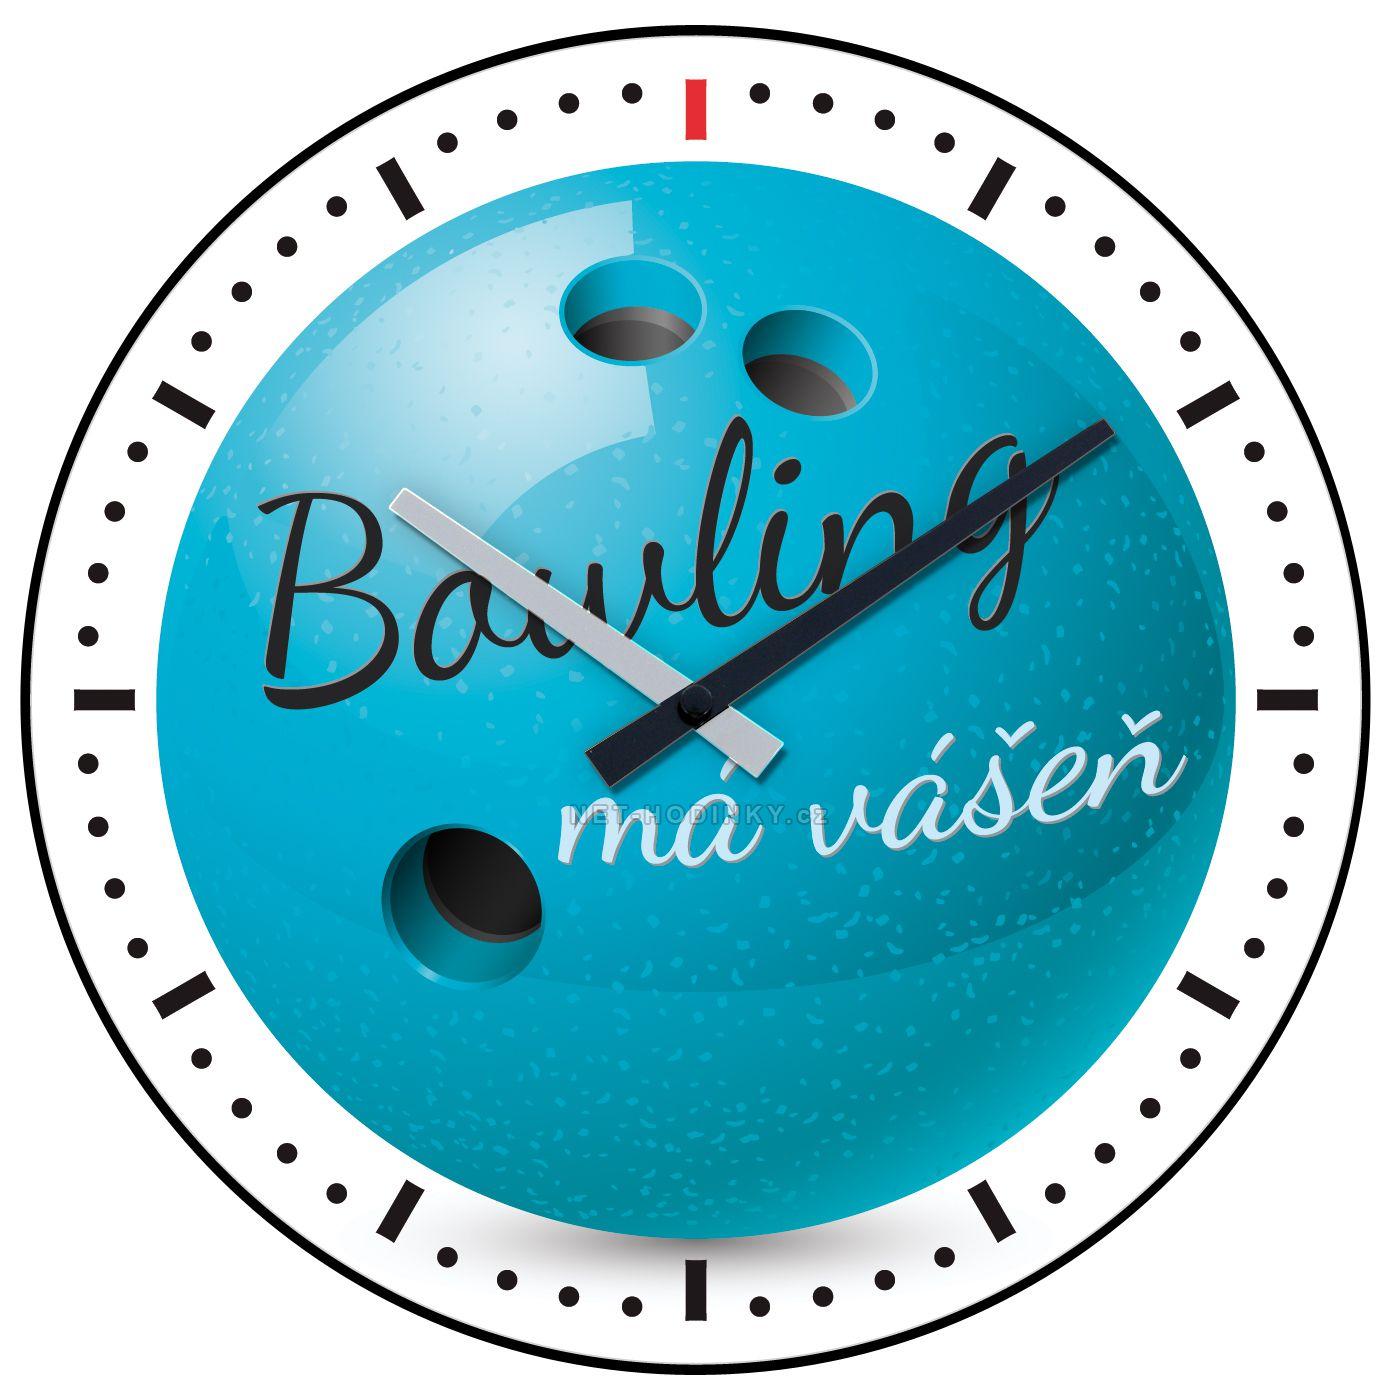 Nástěnné hodiny na stěnu Volleyball, Bowling, Basketbal, Fotbal, Golf nástěnné hodiny na zeď, dětské hodiny H701O Bowling